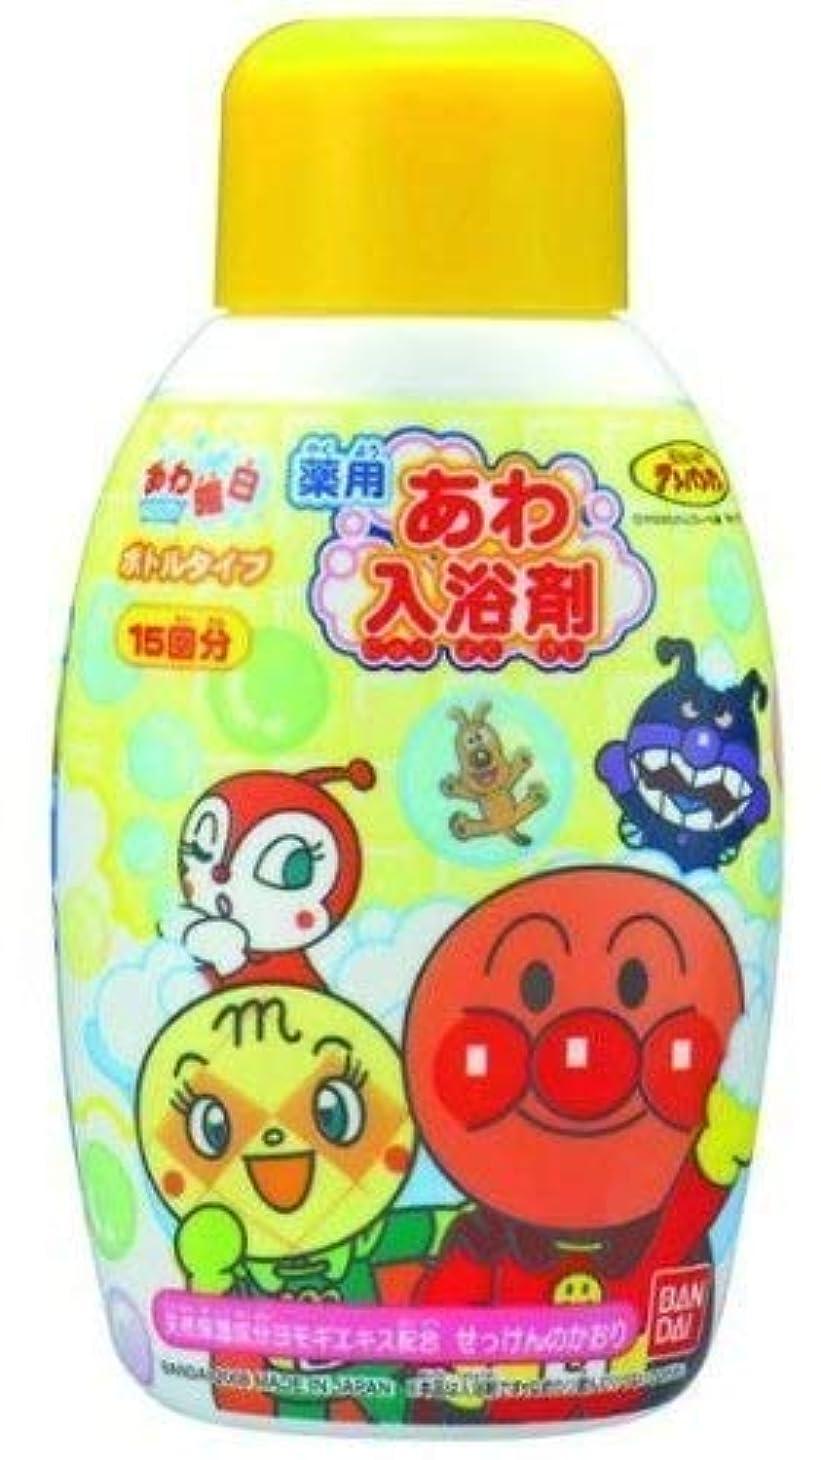 びん飲み込む財布あわ入浴剤ボトルタイプ アンパンマン × 2個